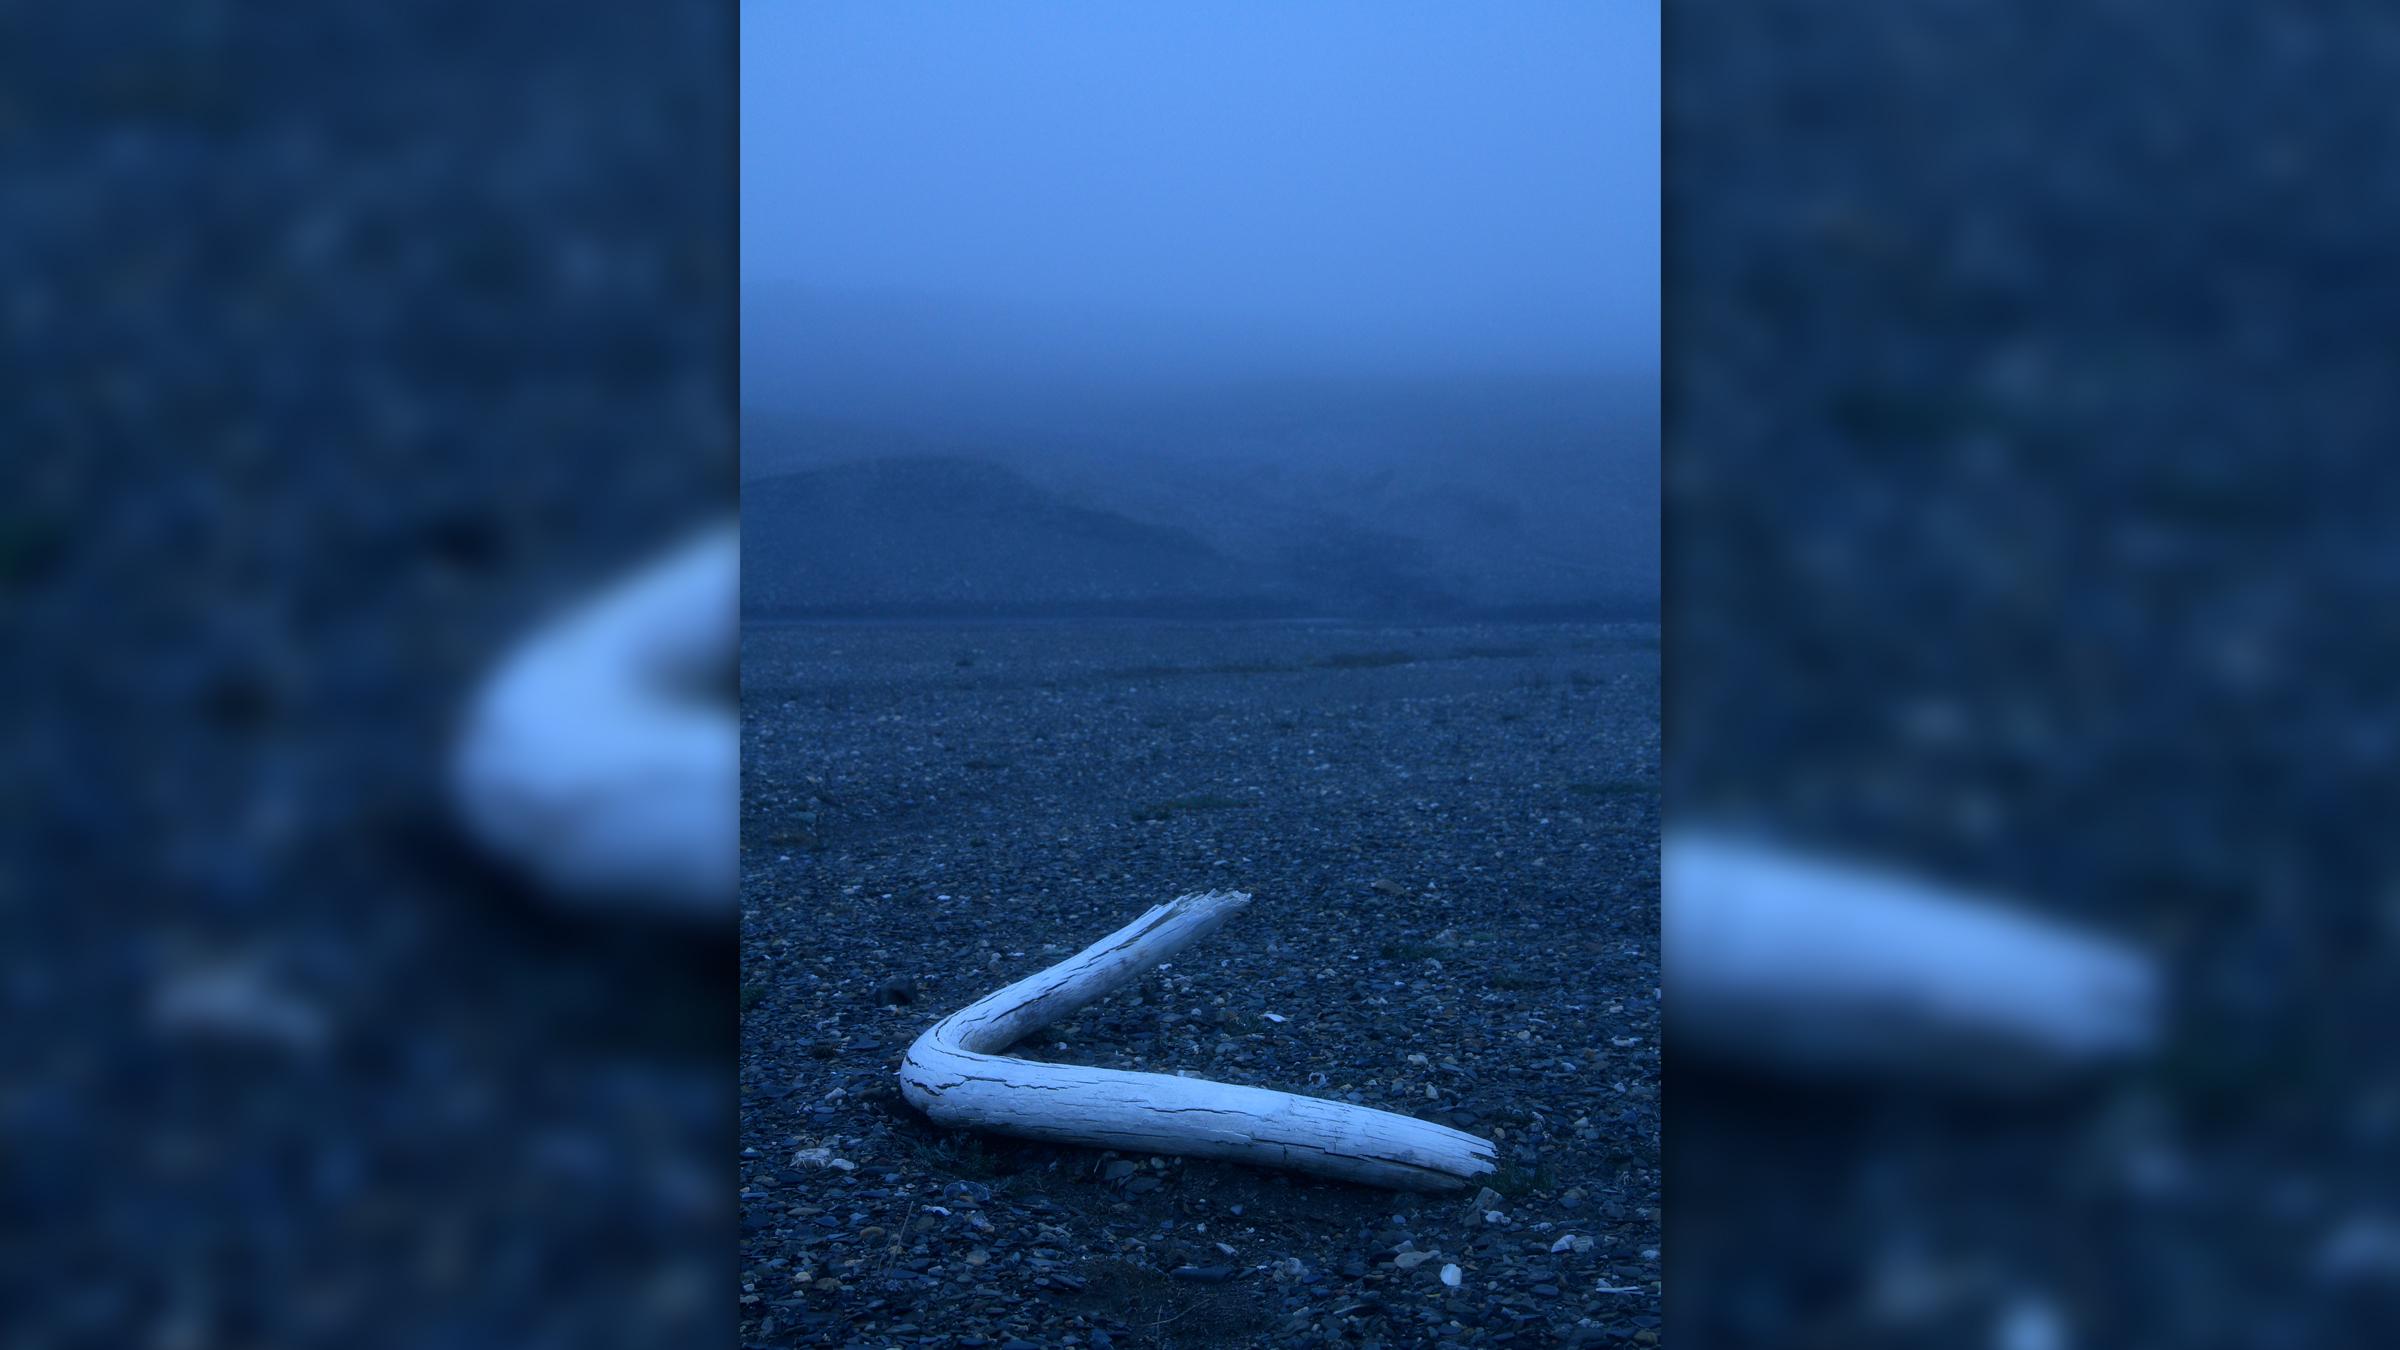 Une défense de mammouth laineuse découverte dans un lit de ruisseau sur l'île Wrangel en 2017